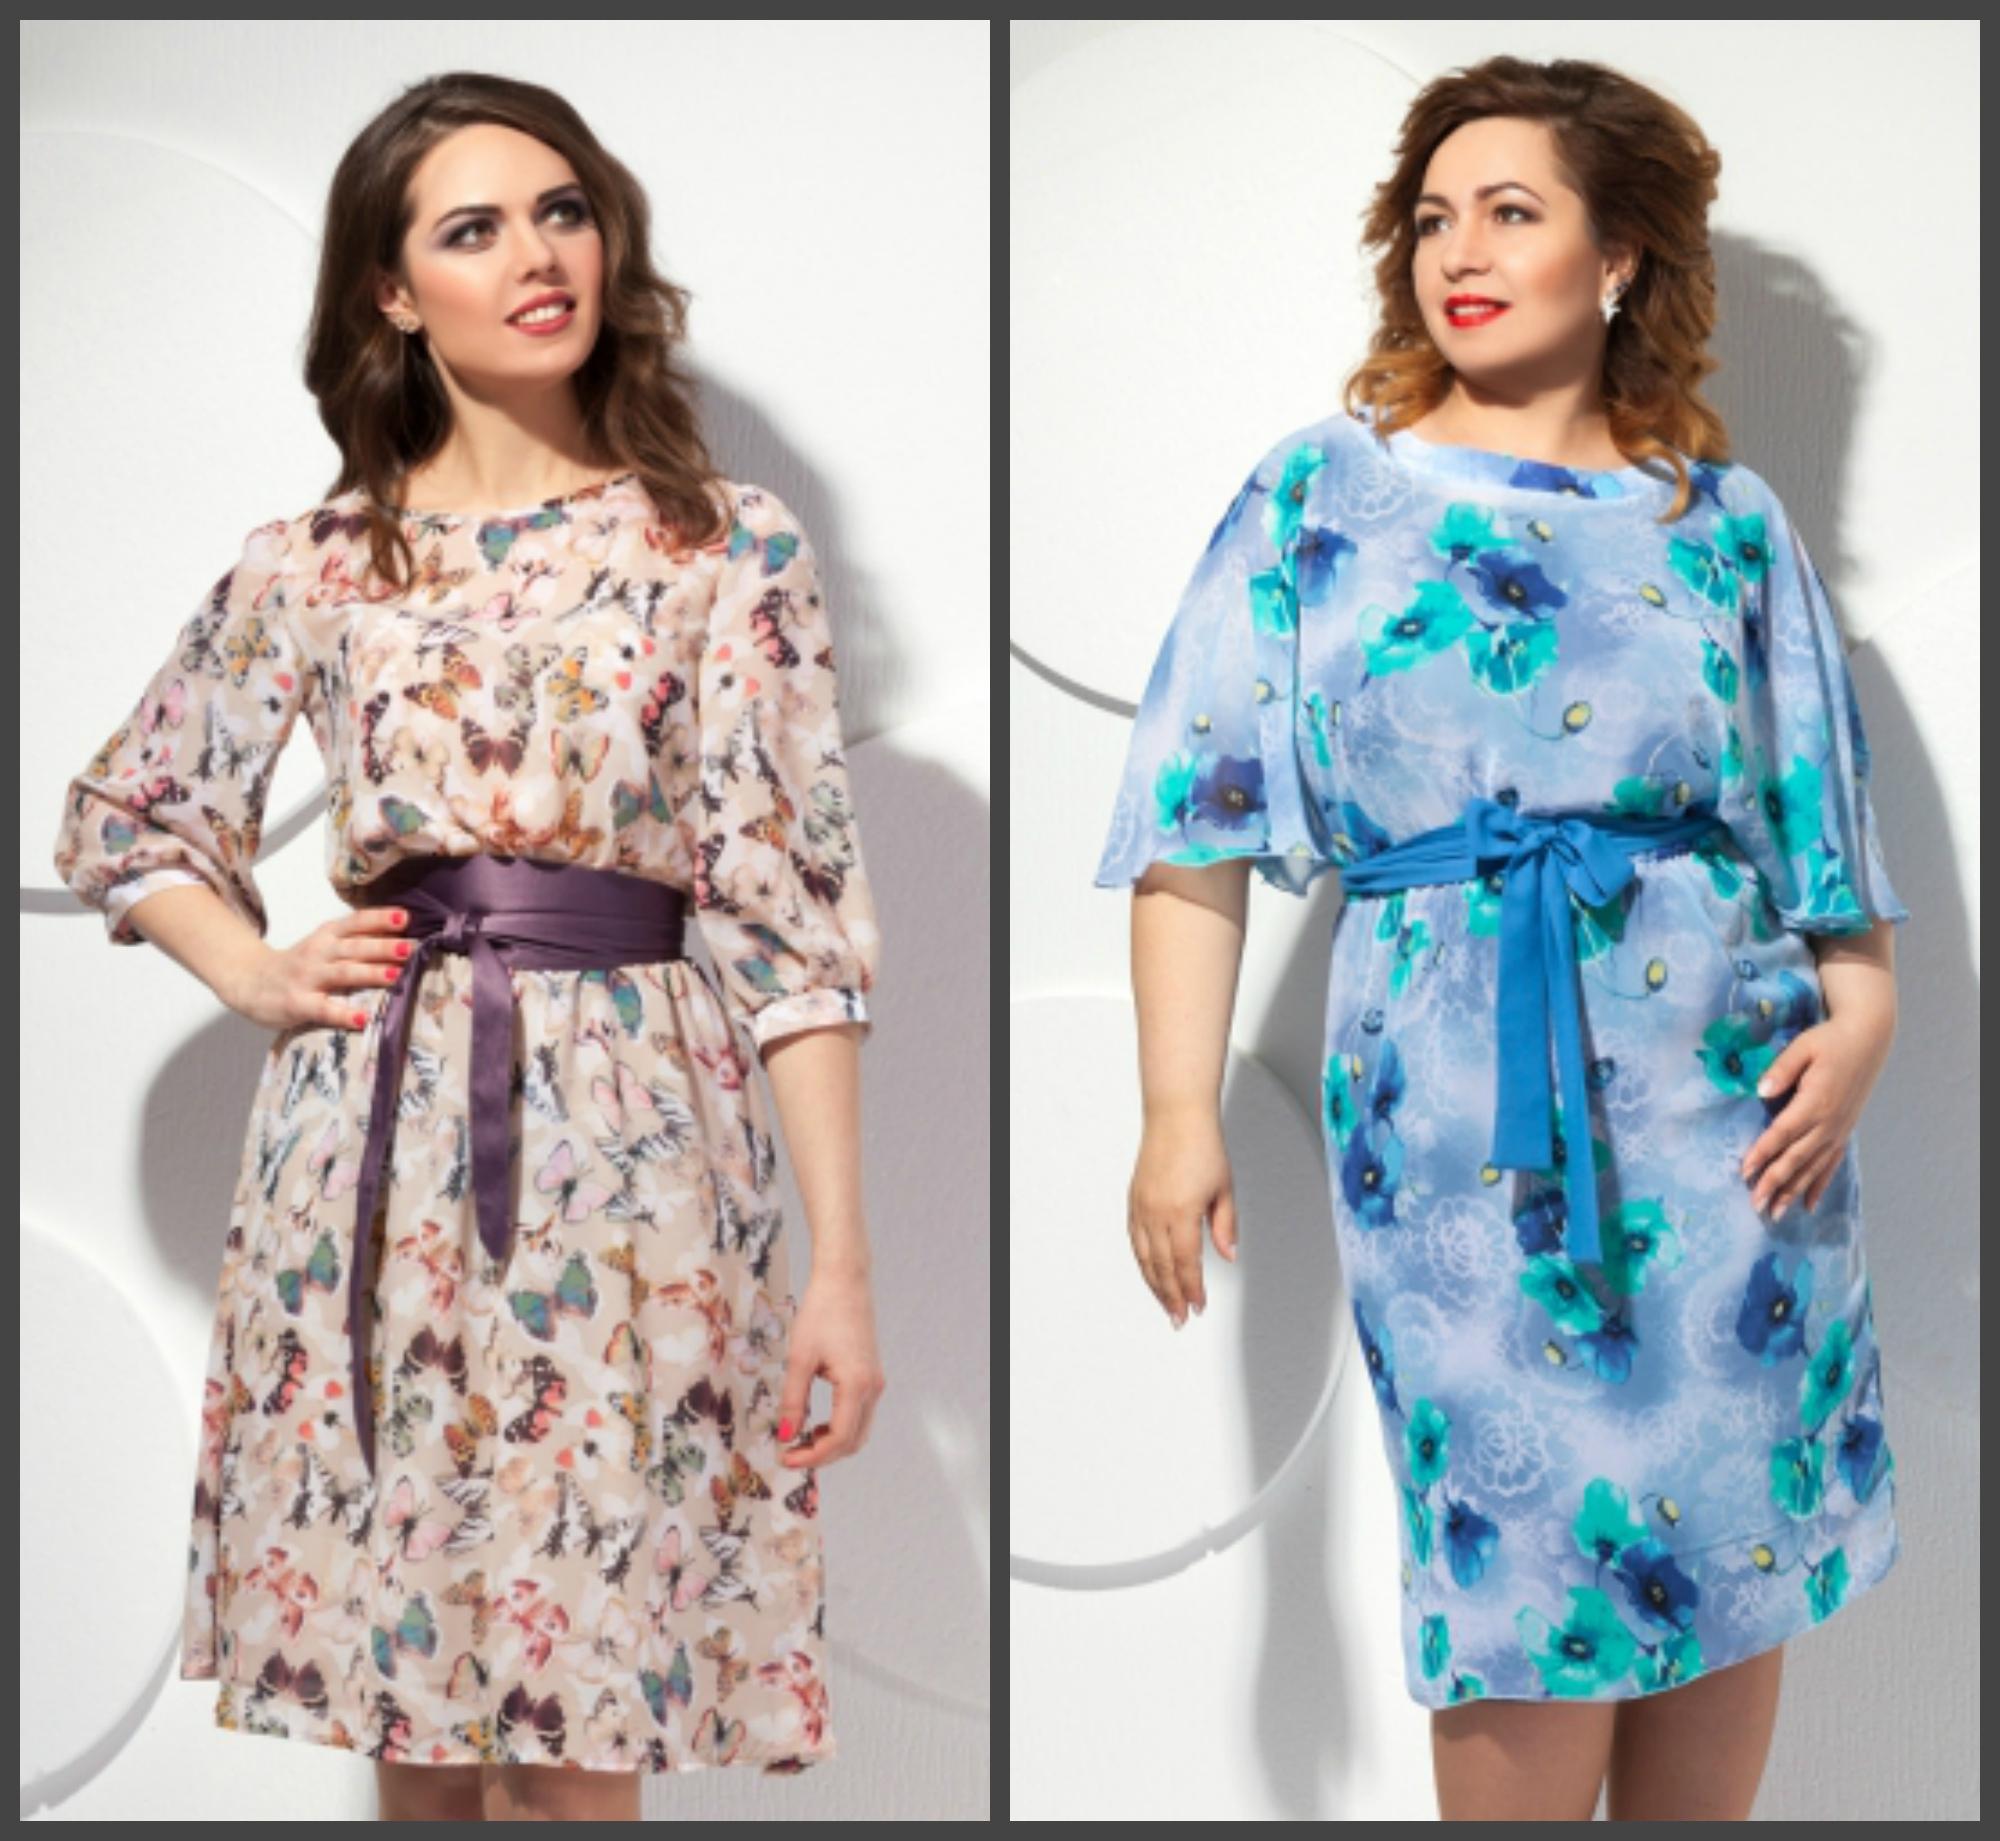 АКЦИЯ!! Только 12.06 орг.сбор на все платья от Моделлос всего 8%!! Размеры 40-64. Моделлос - Женская одежда